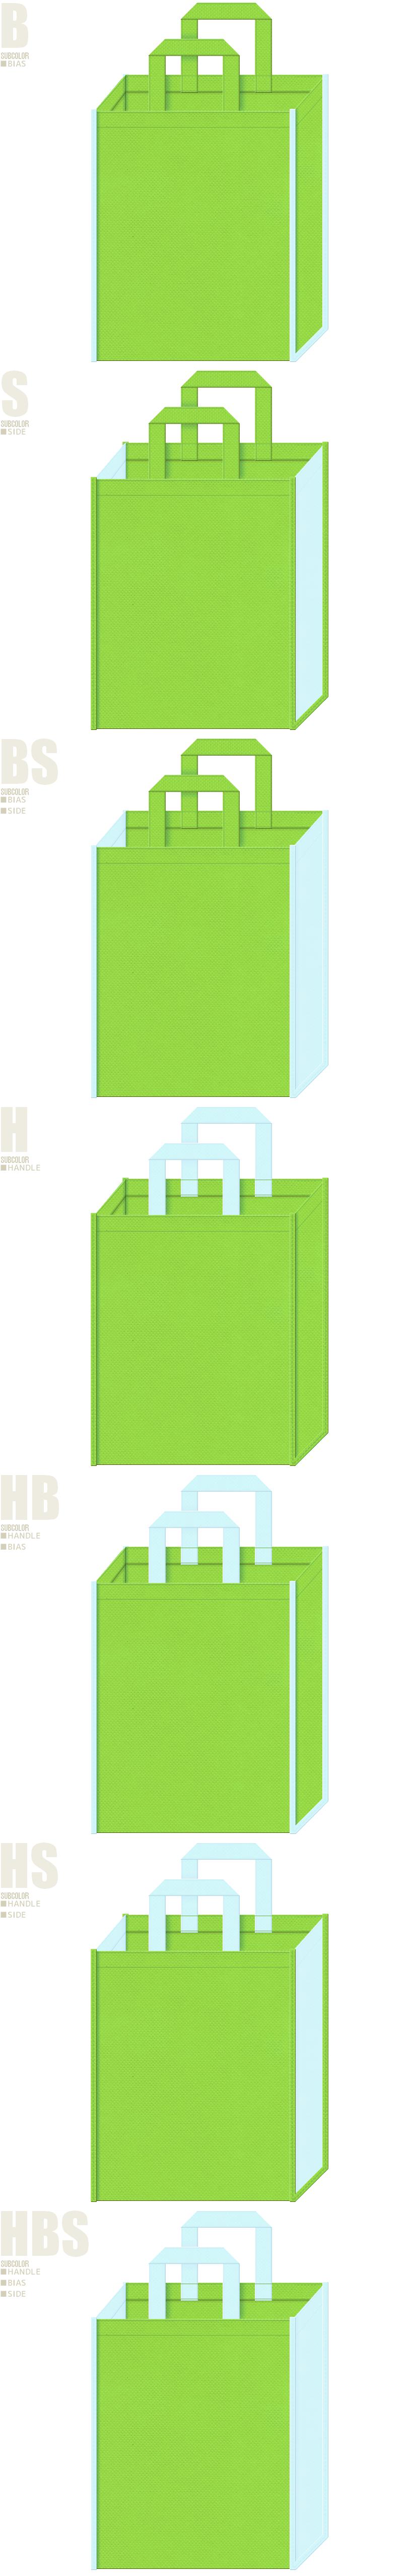 ロールプレイングゲーム・水と環境・水資源・環境イベント・潤い・ナチュラル・水草・ビオトープ・水田・稲・水耕栽培・野菜工場・芝生・スプリンクラー・散水用具・噴水・エクステリアの展示会用バッグにお奨め不織布バッグデザイン:黄緑色と水色の配色7パターン